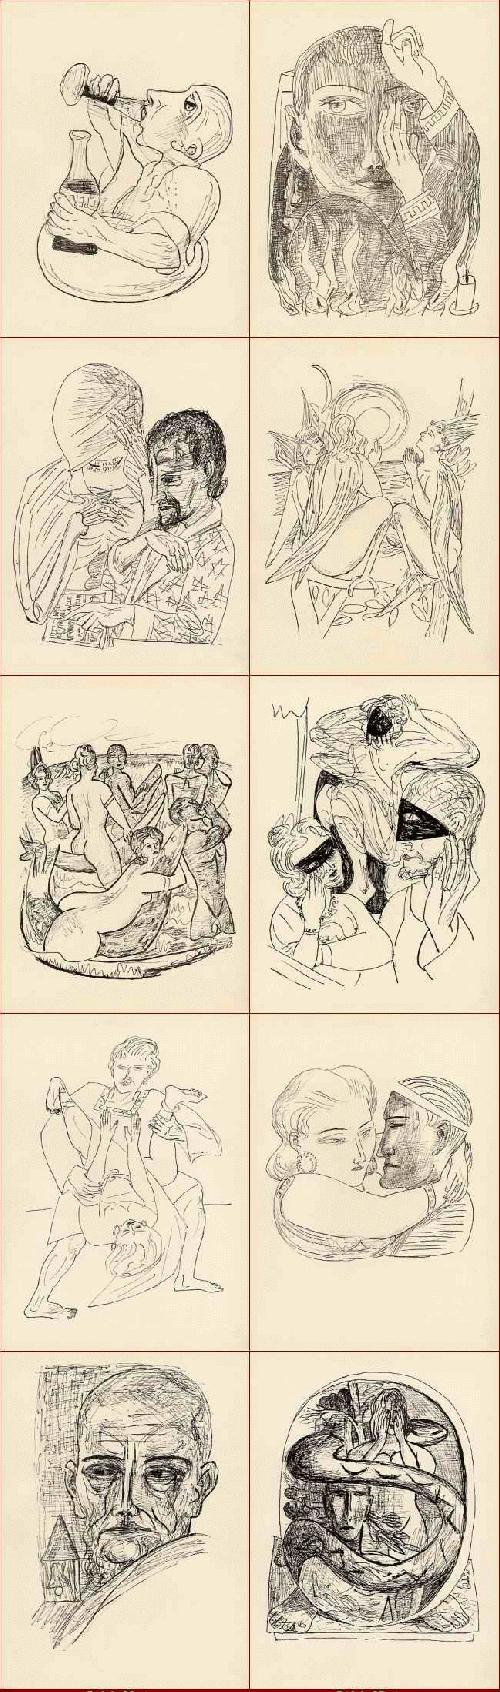 Max Beckmann - FAUST - GOETHE - 35 OriginalHolzstiche zu Der TRAGÖDIE 2.Teil - 1957 - Maximilian-Gesellschaft kopen? Bied vanaf 155!